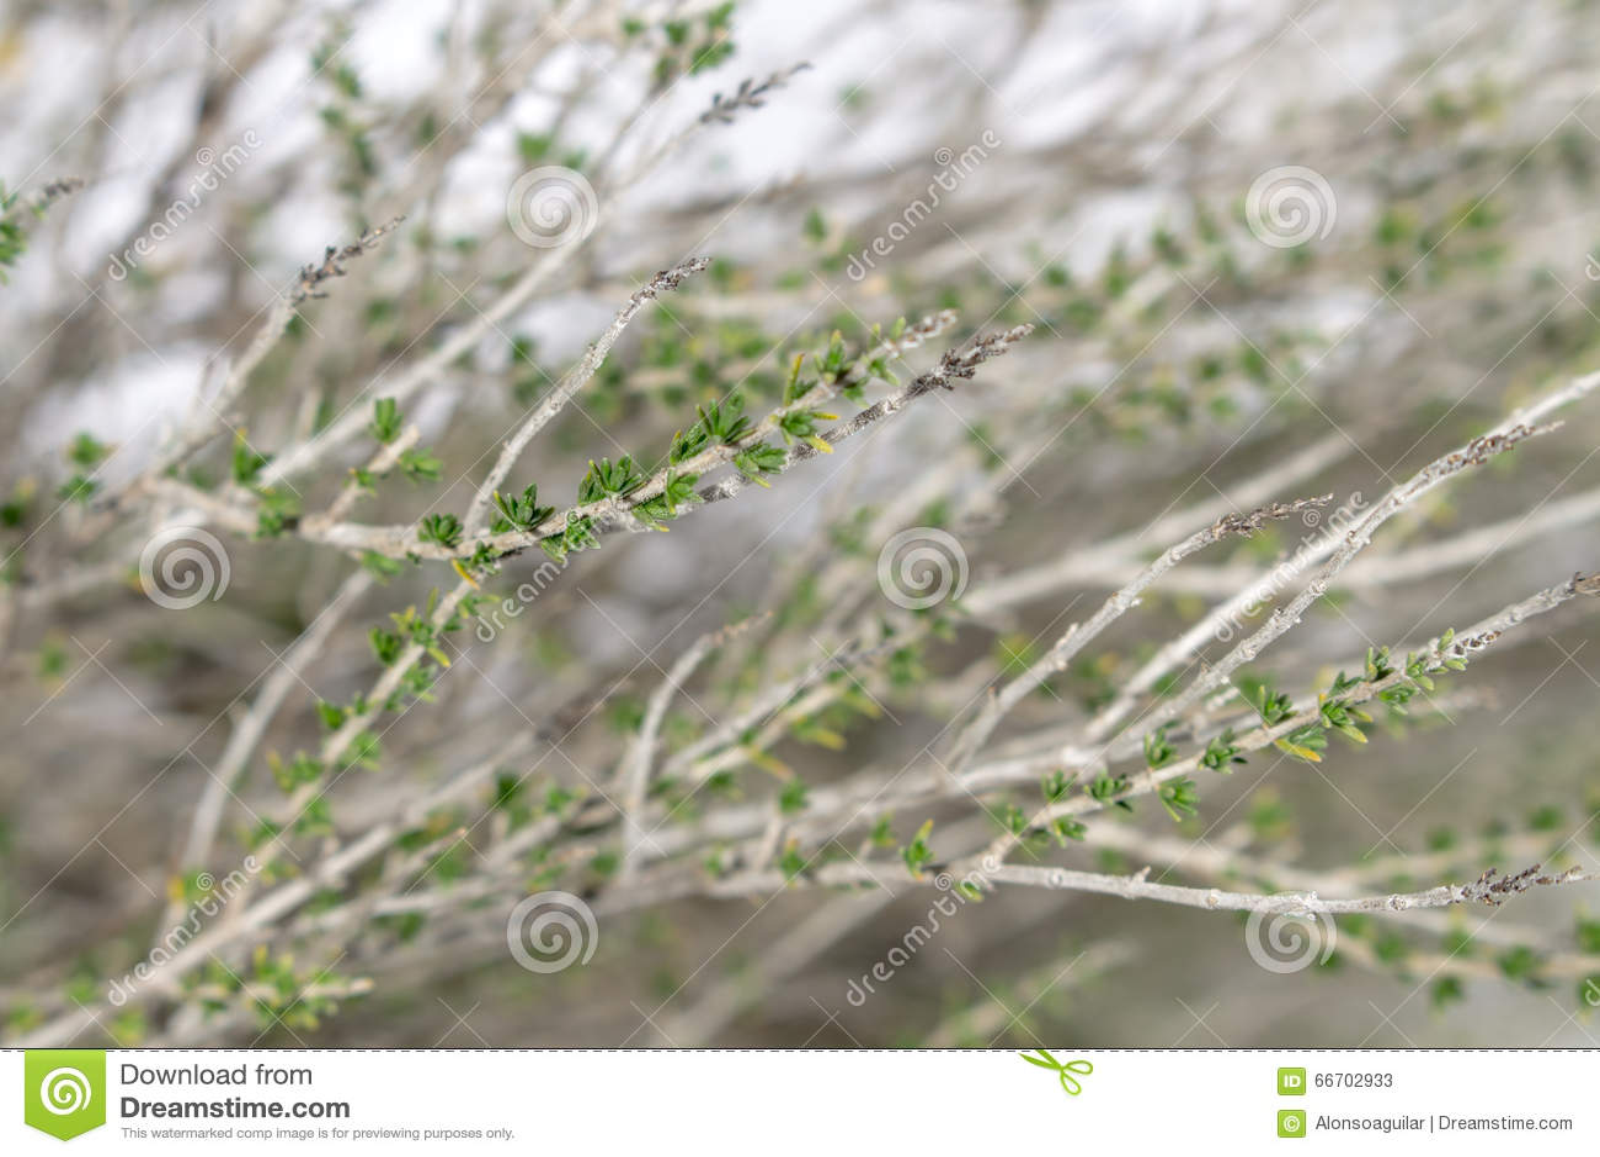 Ramas del arbusto del tomillo